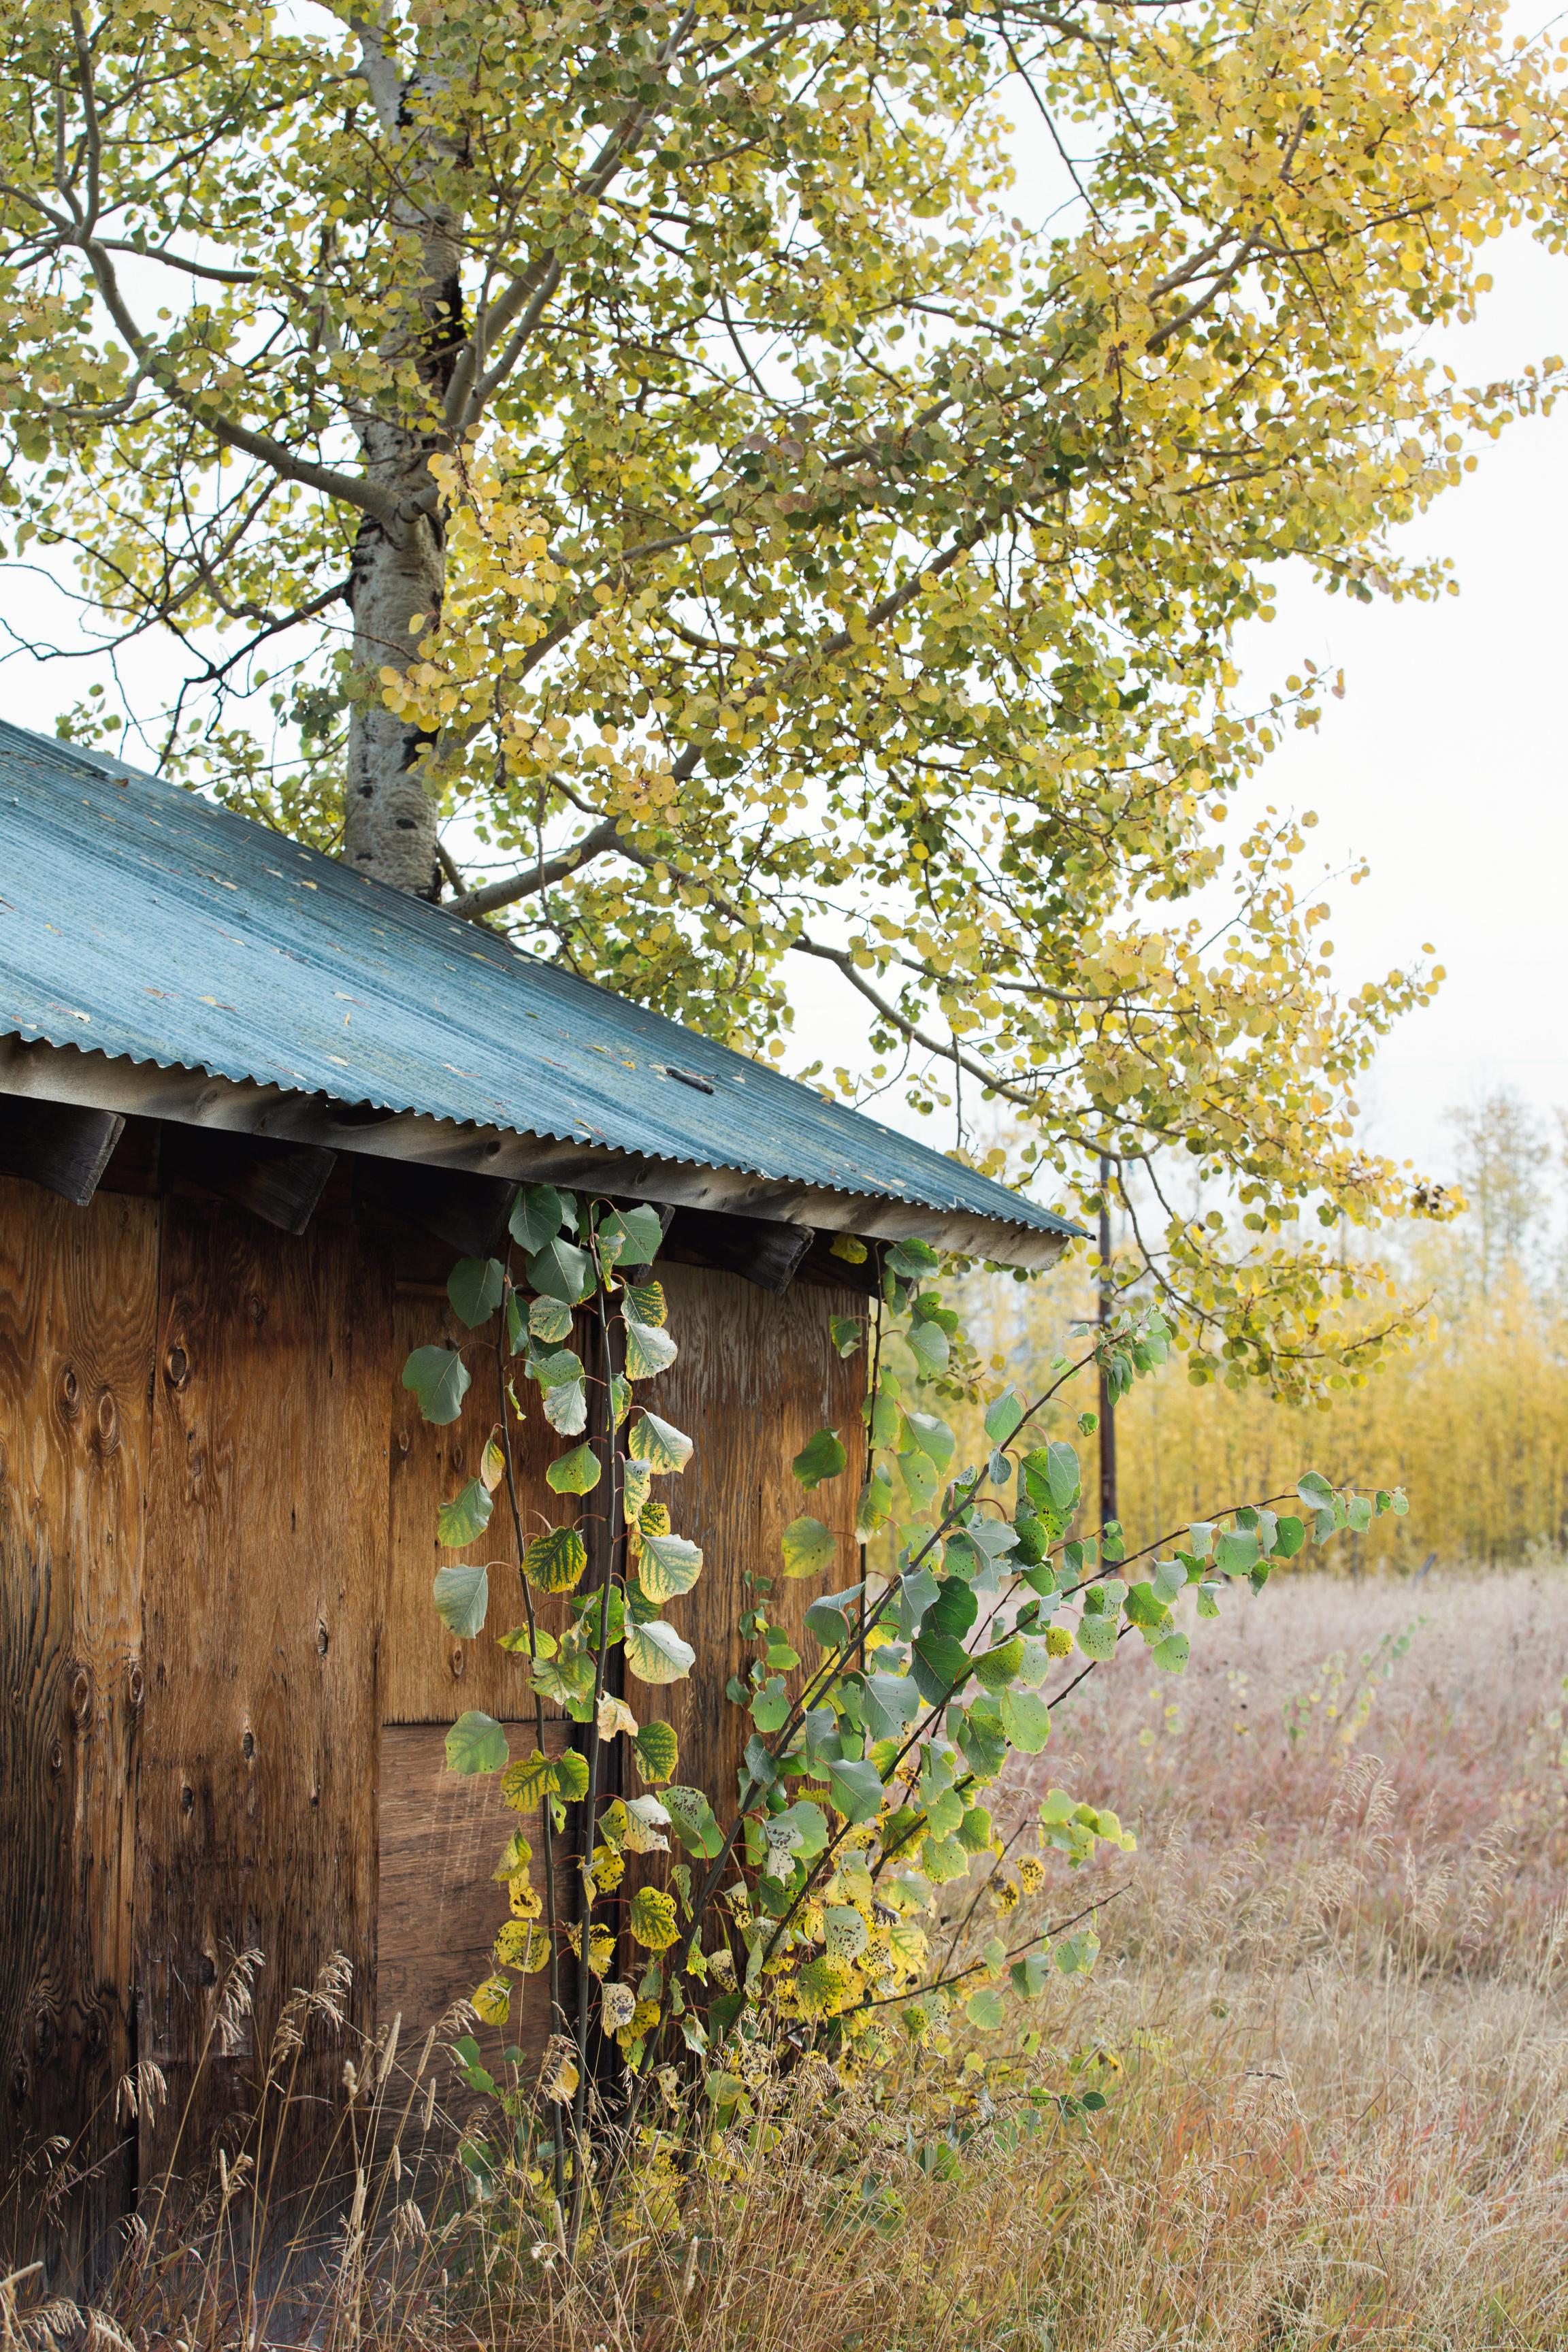 CindyGiovagnoli_Grand_Teton_National_Park_mountains_Bison_Autumn_Wyoming_Mormon_Row_aspens_fall_outdoor_photographer-036.jpg